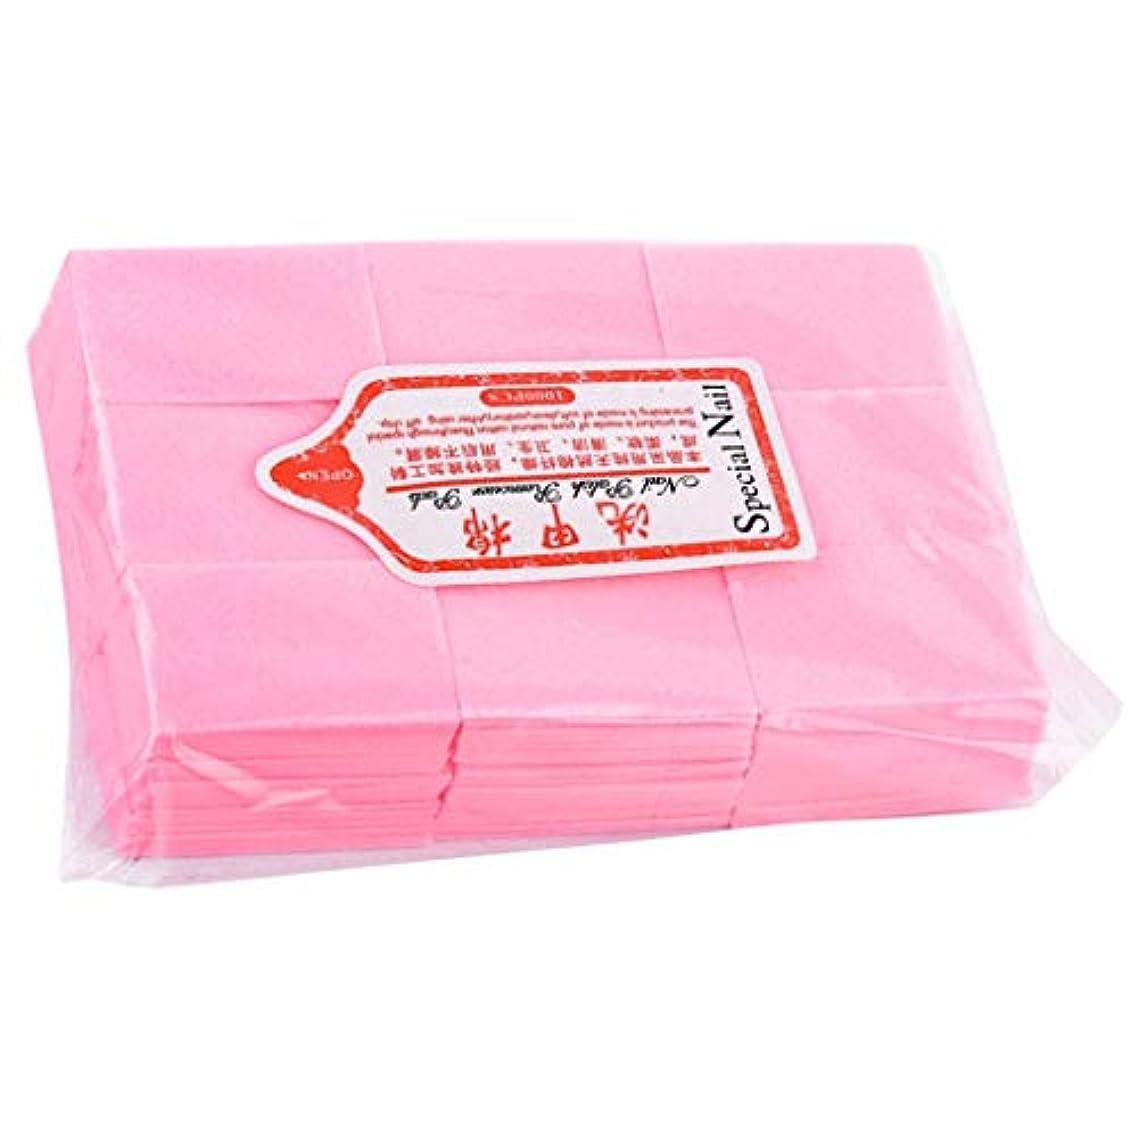 それぞれバック乱れPerfeclan ネイルワイプ コットンパッド 使い捨て ネイルポリッシュリムーバー パッド マニキュア 全4色 - ピンク